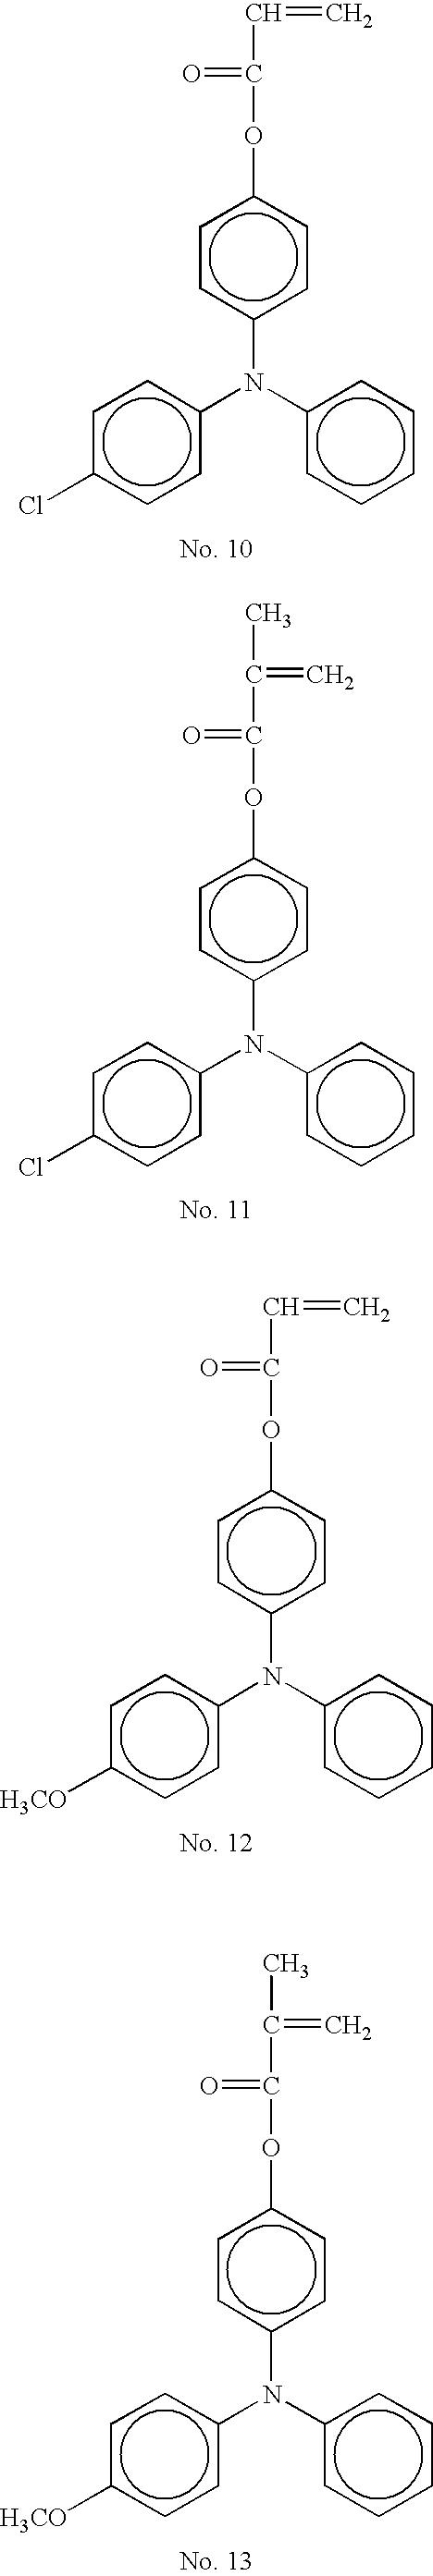 Figure US20070196749A1-20070823-C00008